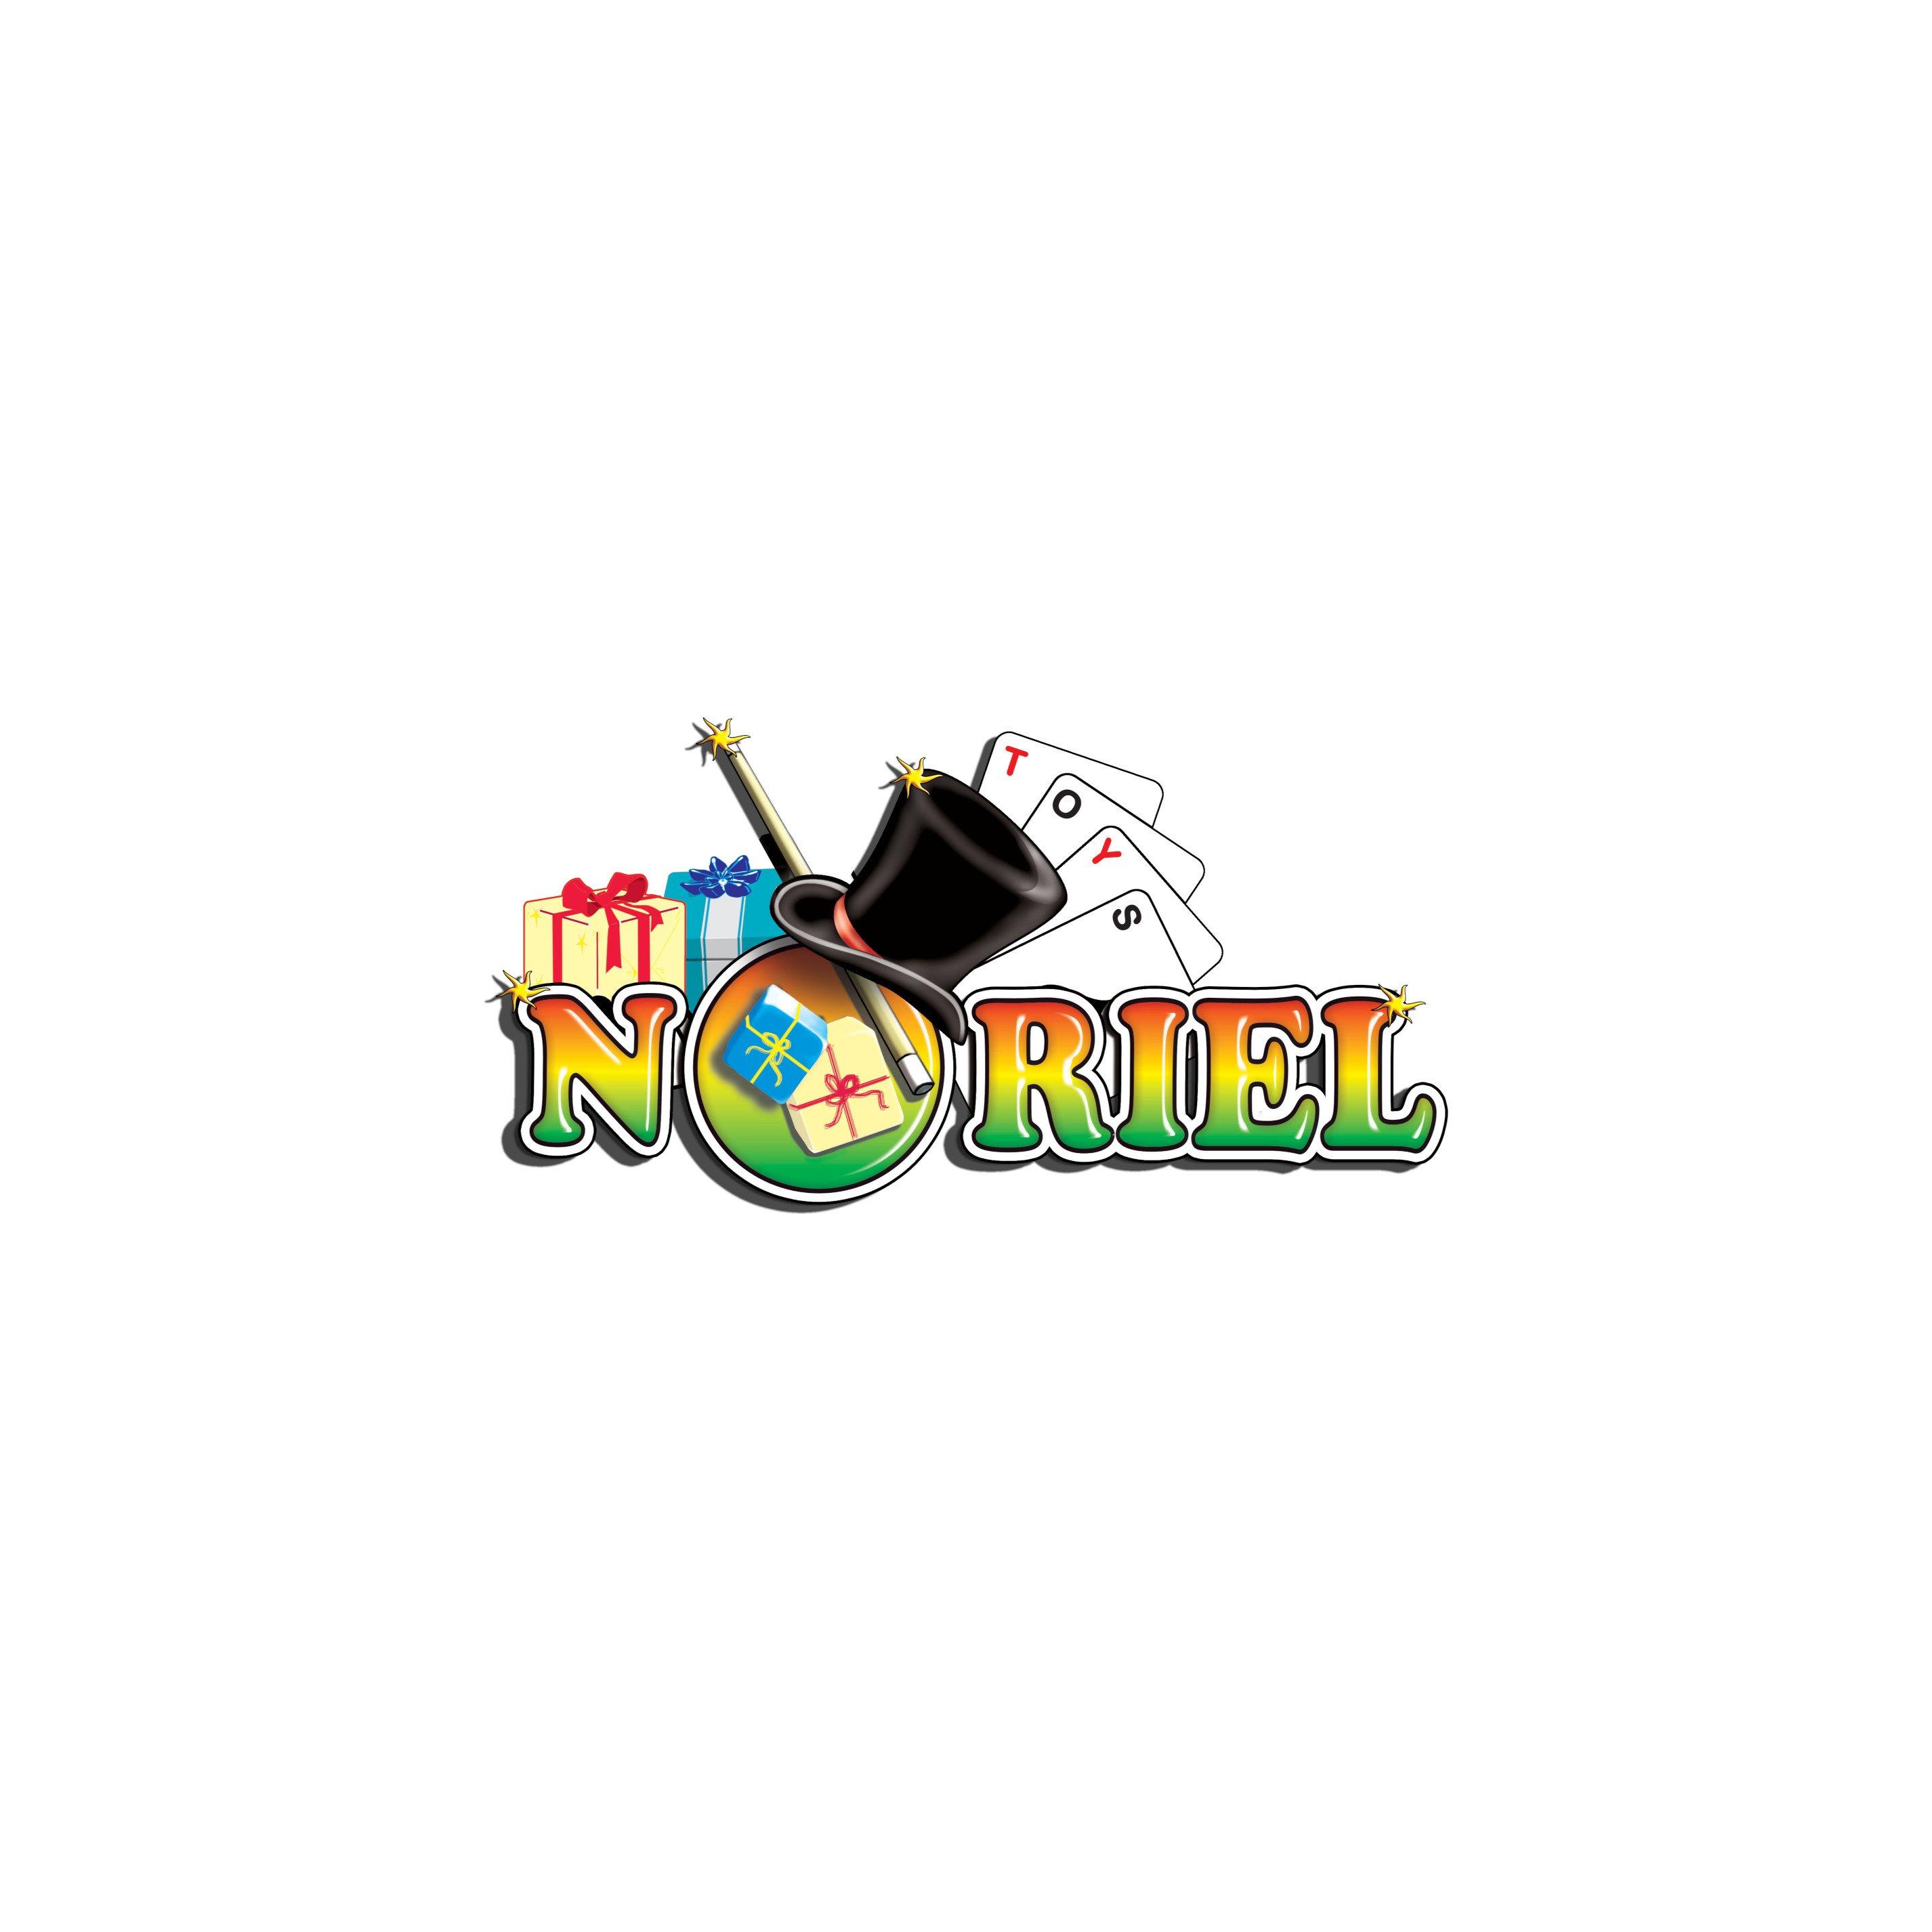 Covor antiderapant de baie Munchkin, 11 cm - Multicolor